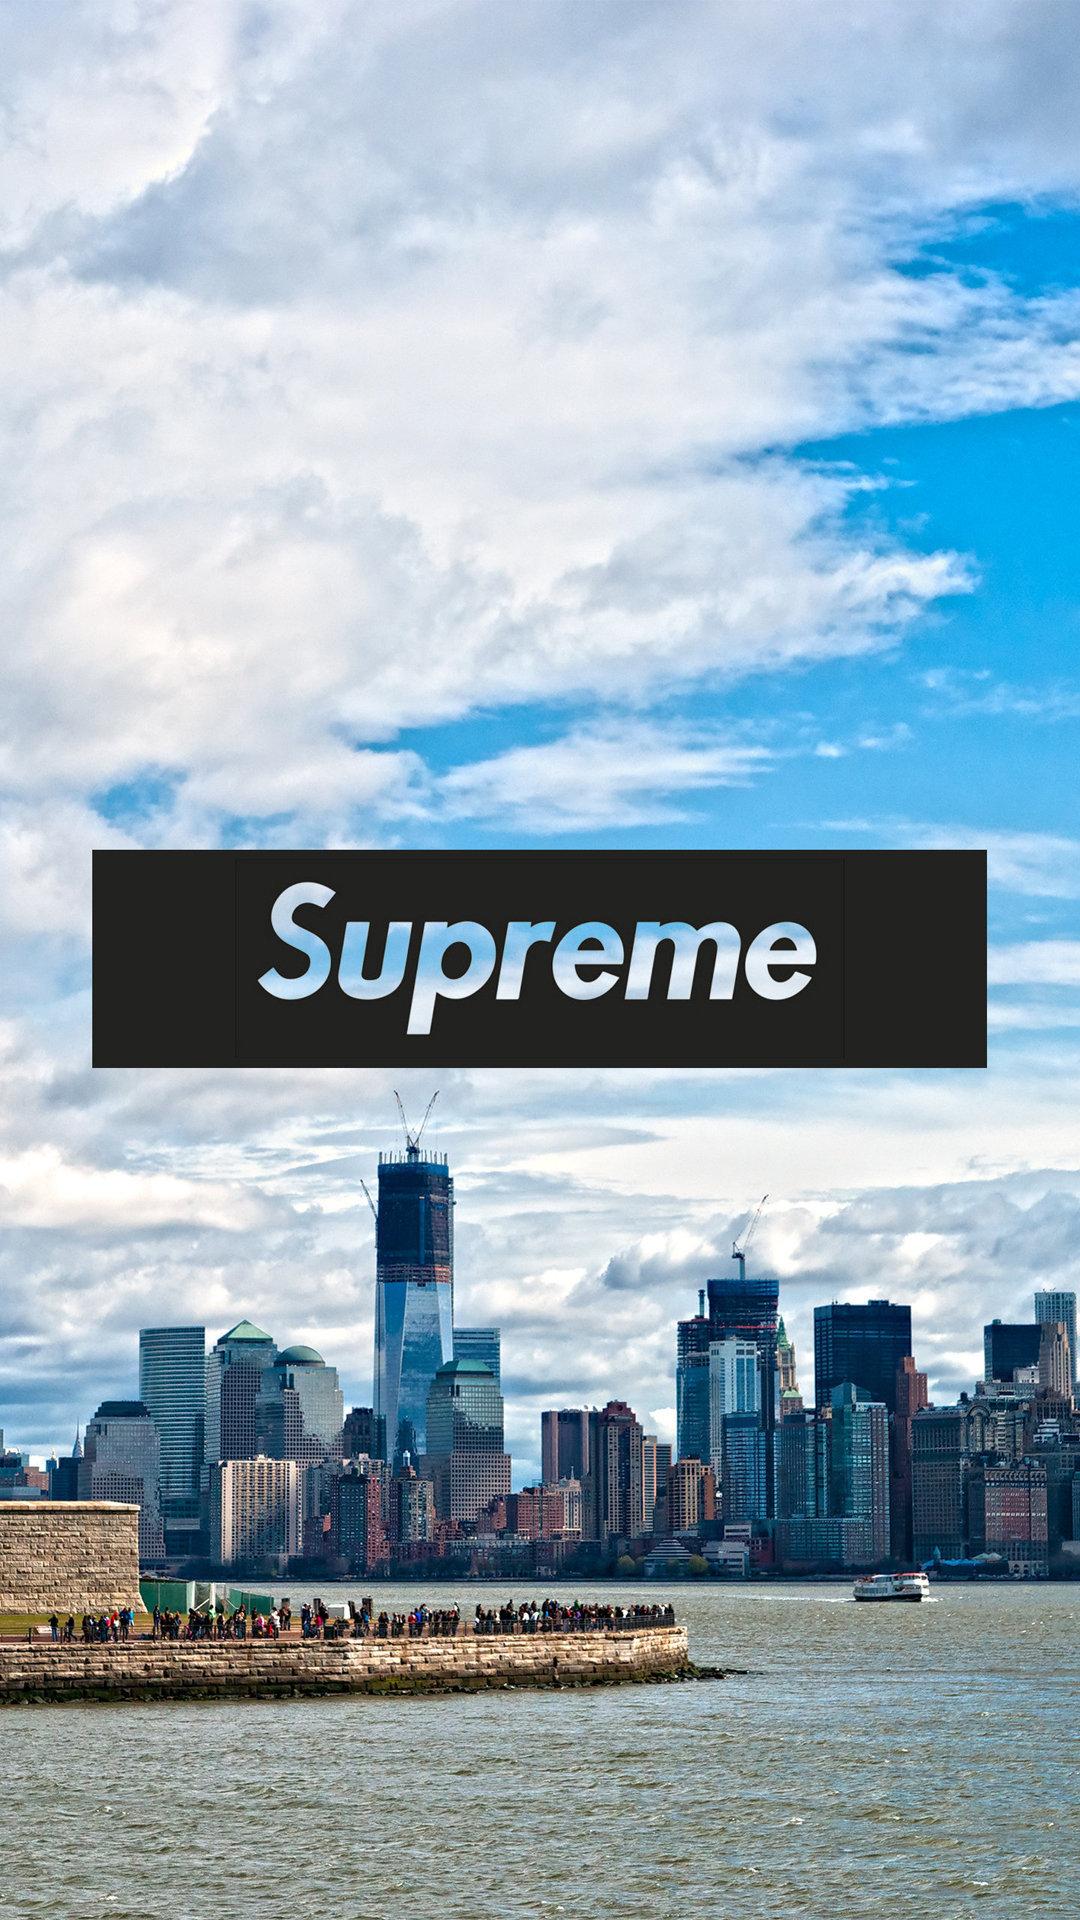 Hd Air Jordan Wallpaper Supreme Wallpapers Download Supreme Hd Wallpapers